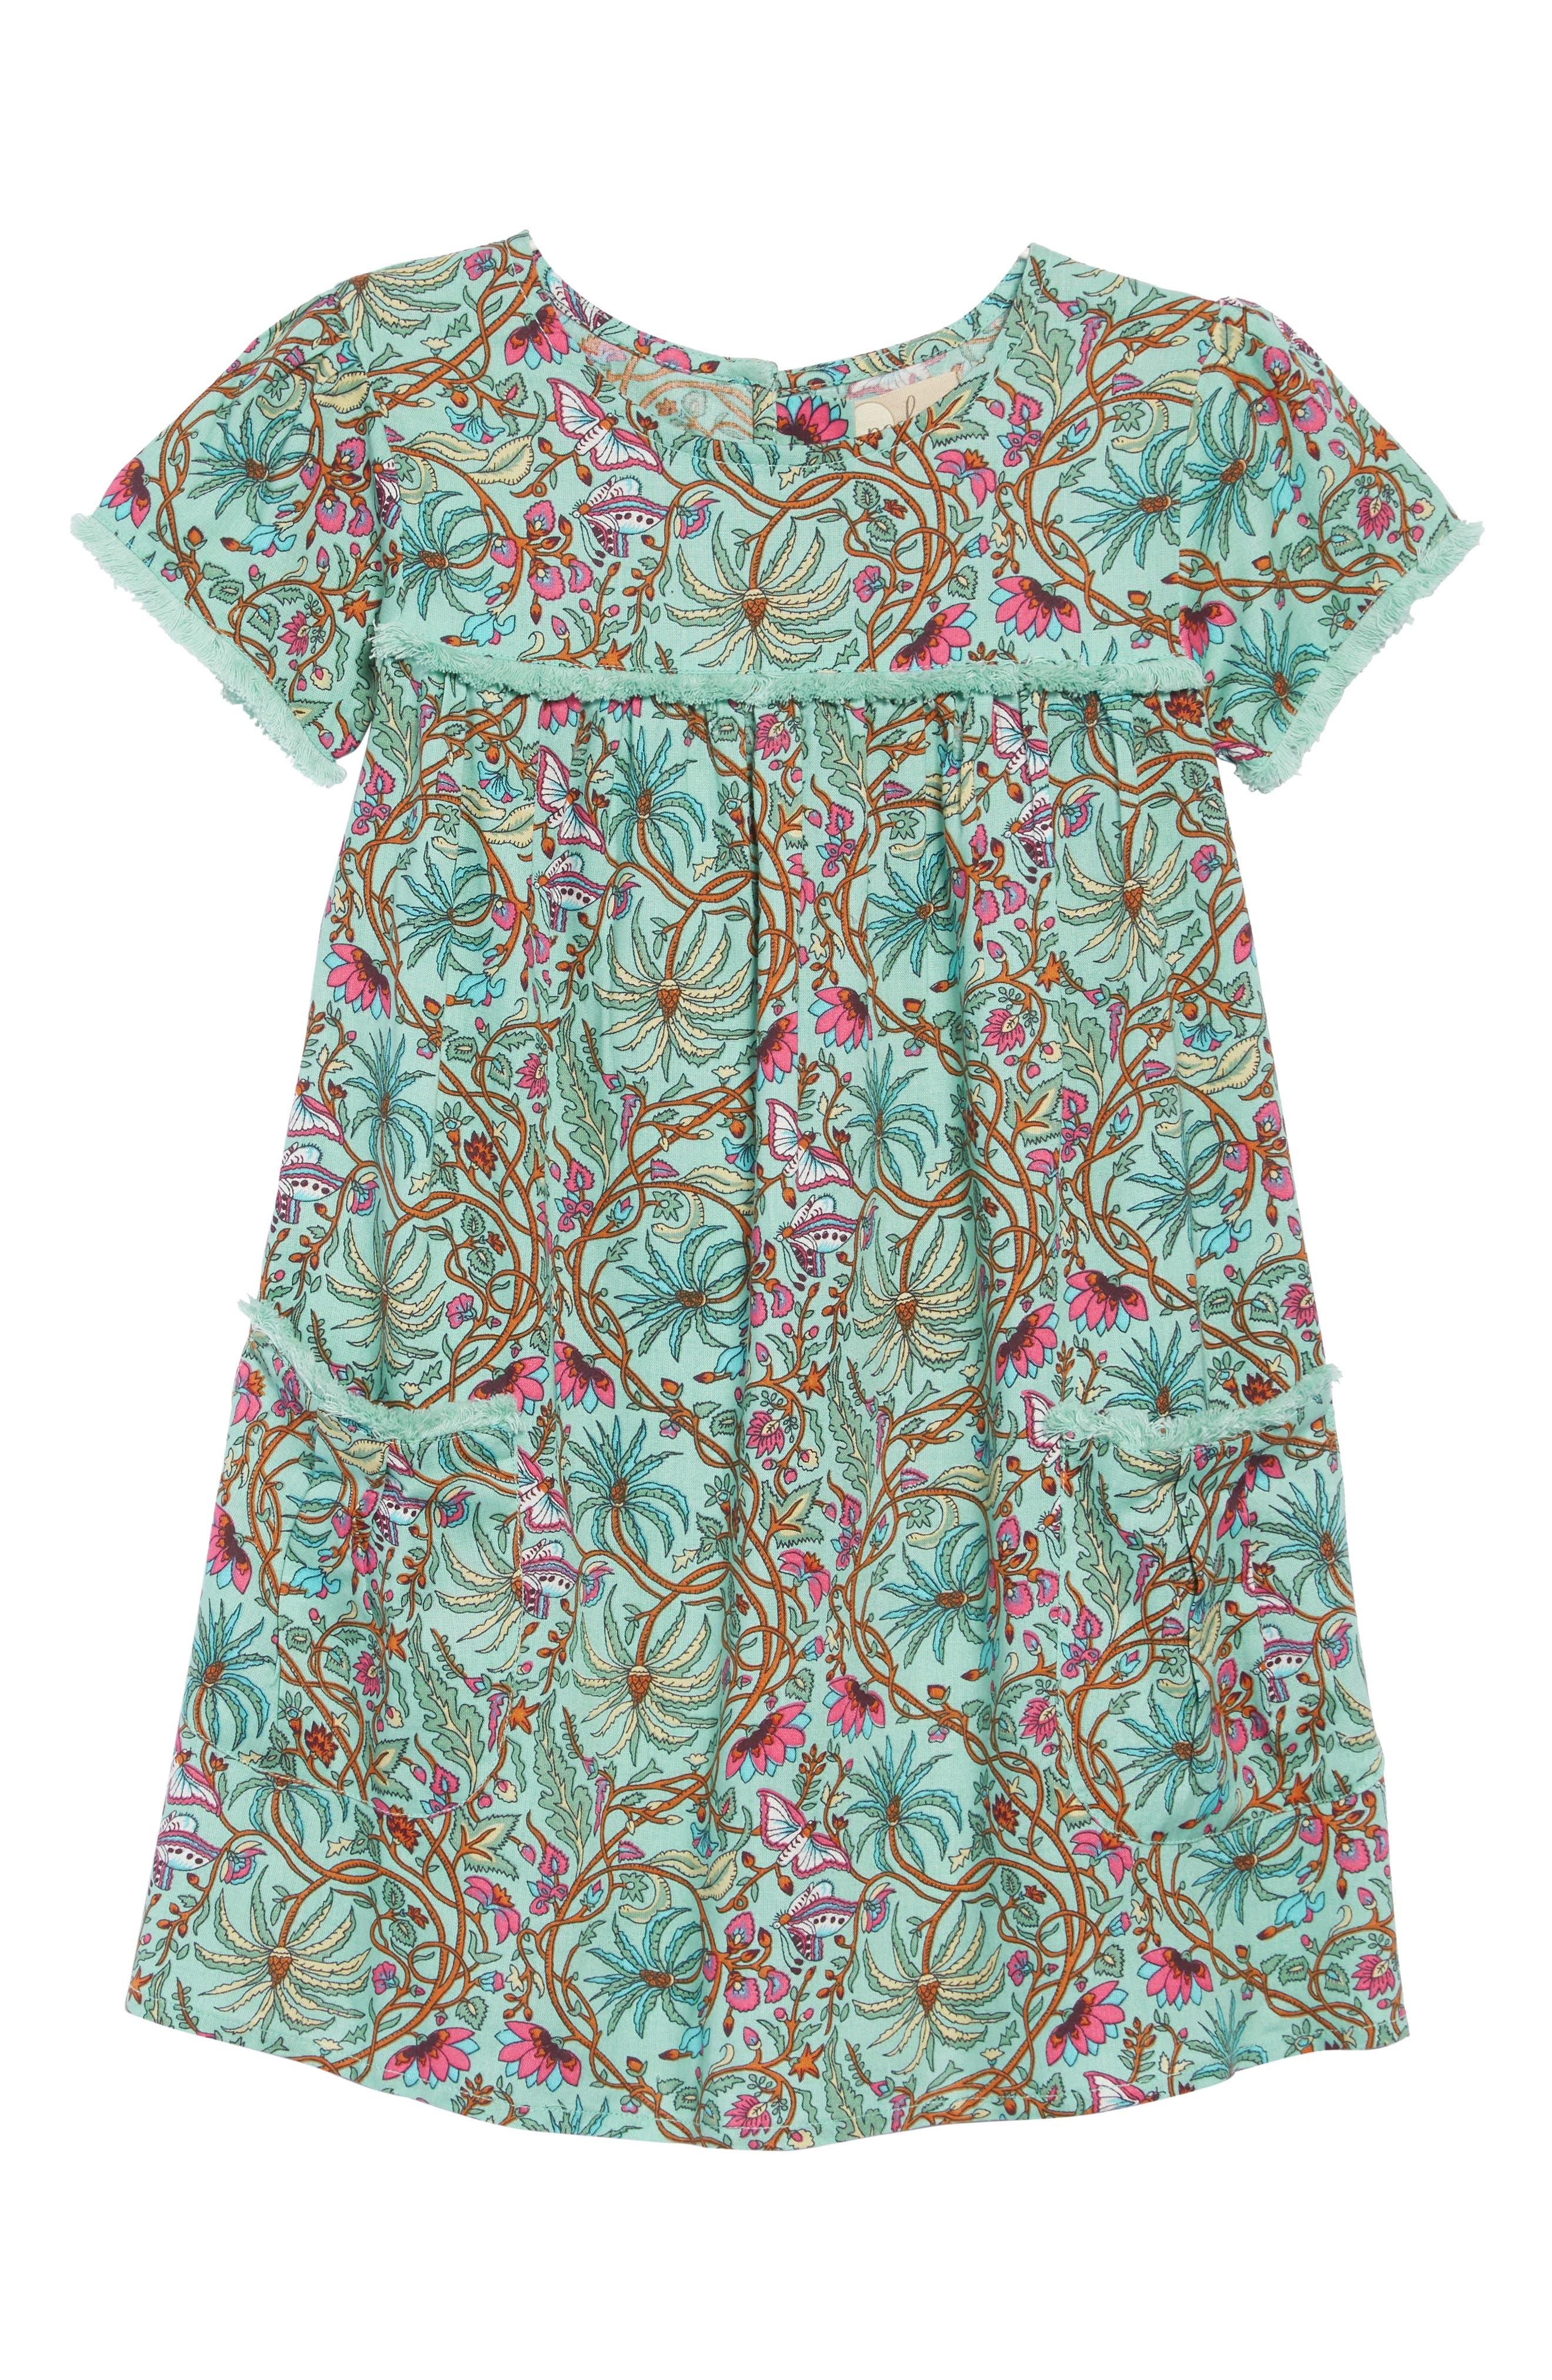 PEEK AREN'T YOU CURIOUS Octavia Print Dress, Main, color, GREEN